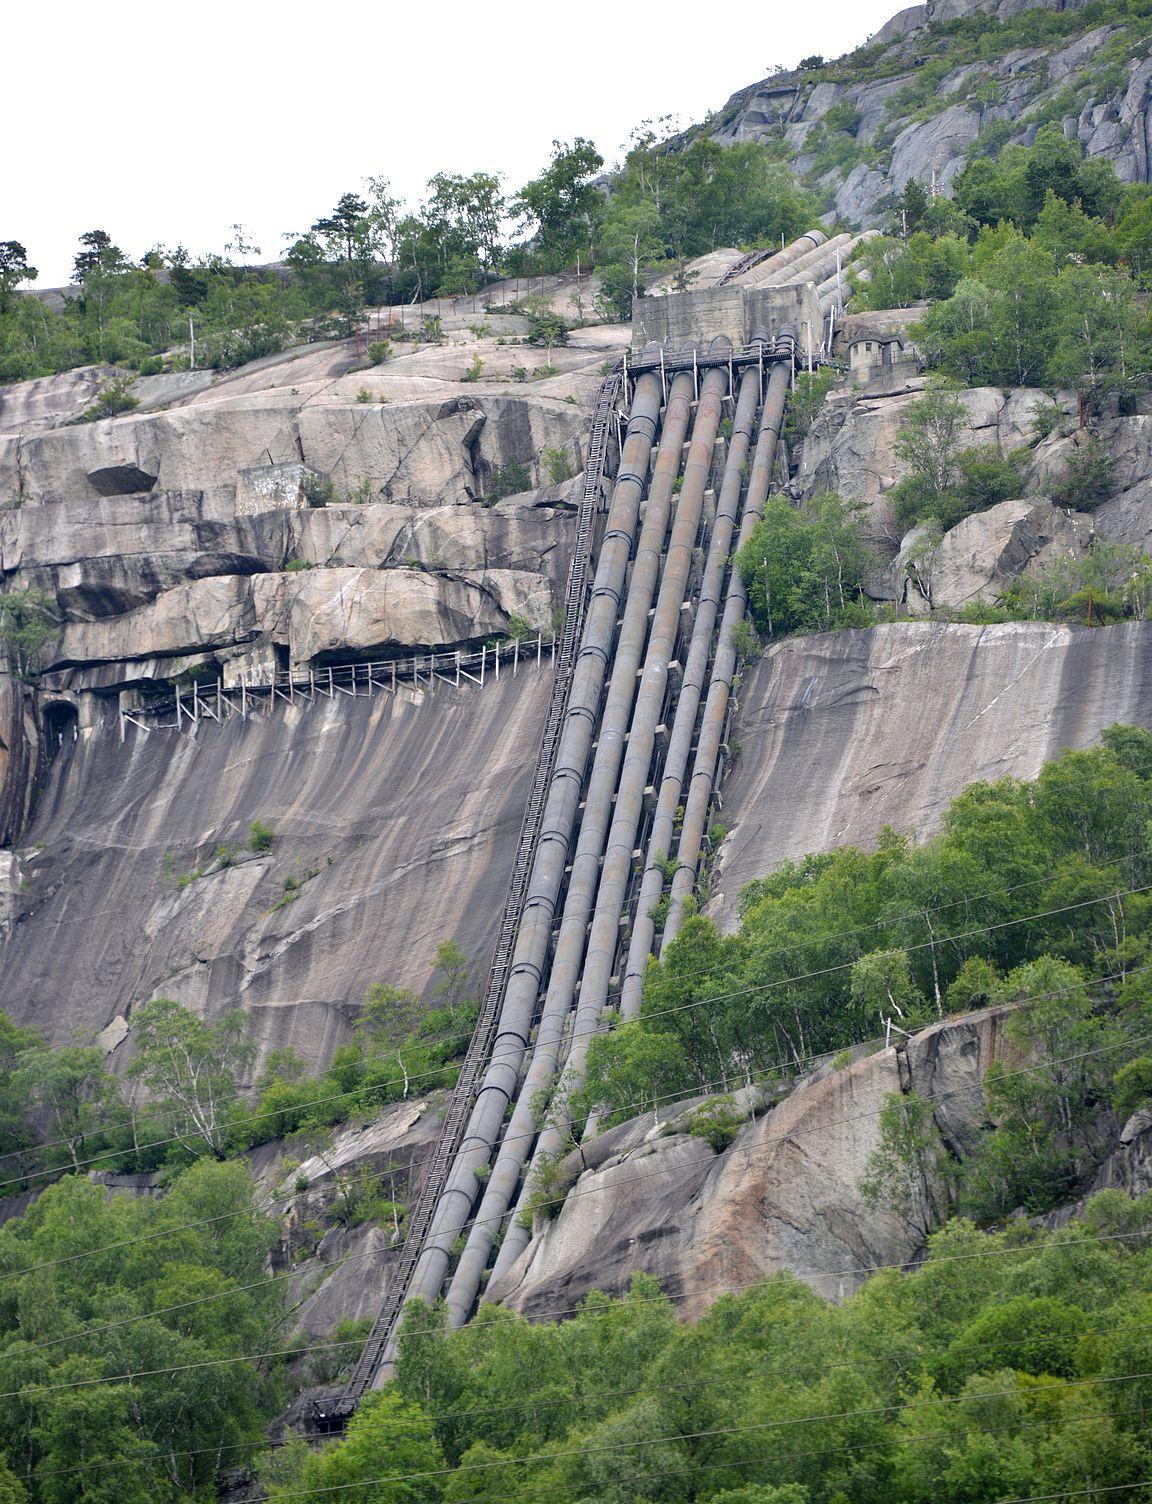 Vesiputkia on rakennettu kolmessa osassa eri aikakausina. Vasemmanpuoleinen putki oli aikoinaan maailman suurin. Via Ferreta -retkellä pääsee aktiiviurheilun makuun kävelemään vesiputkilinjoja rakentaneiden mestareiden jalanjäljille. Ei suositella korkeanpaikankammoisille!